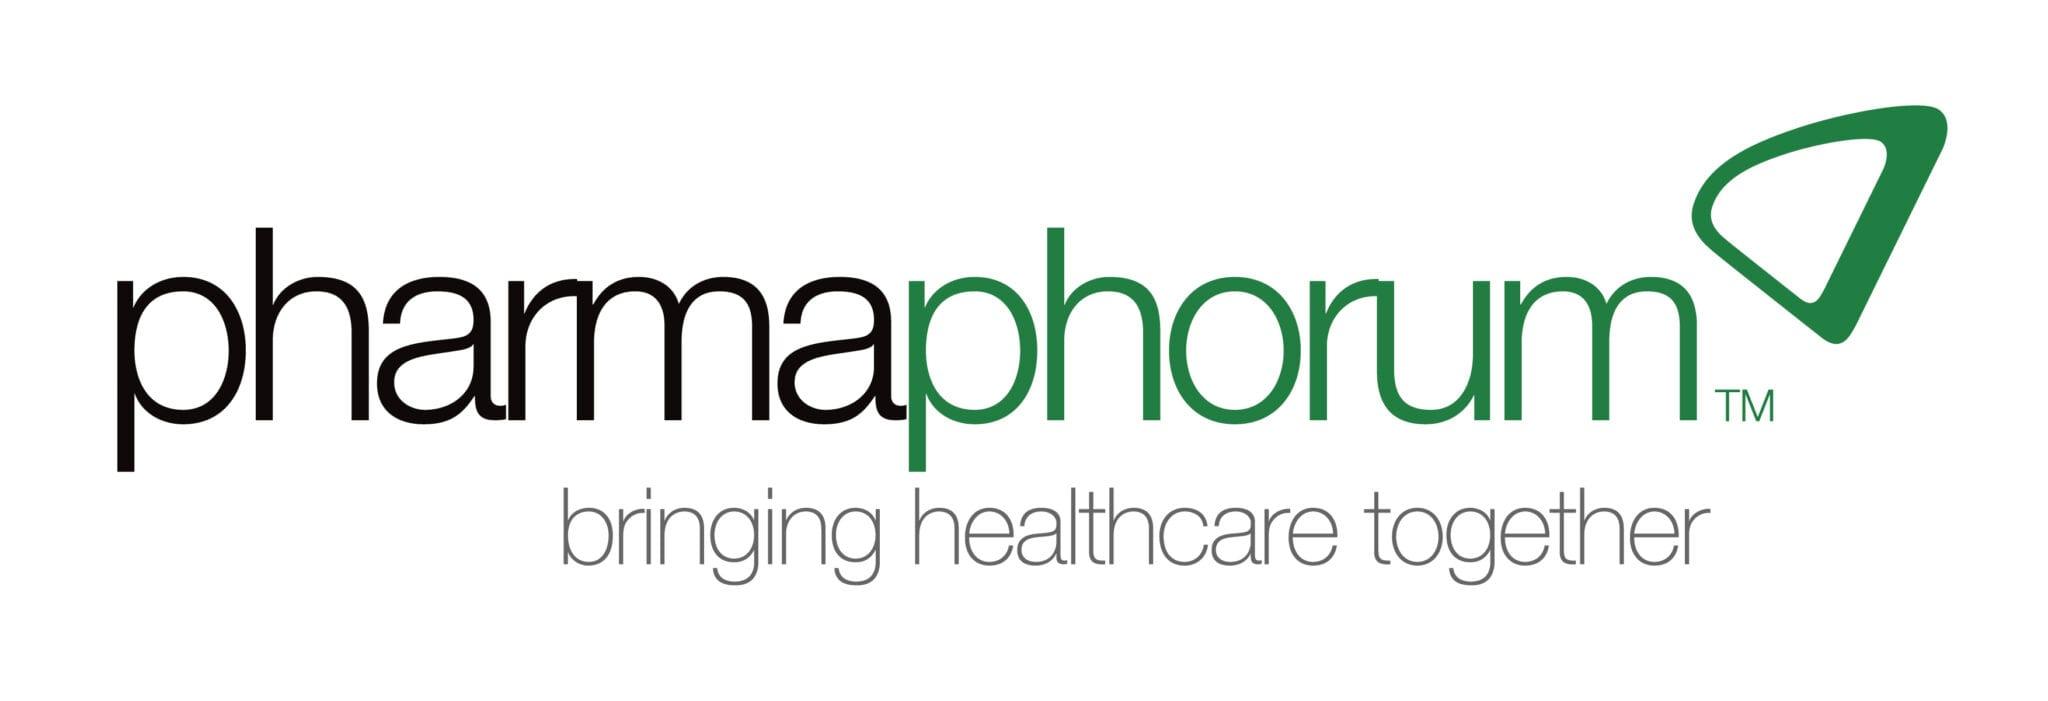 pharmaphorum-logo-01-scaled